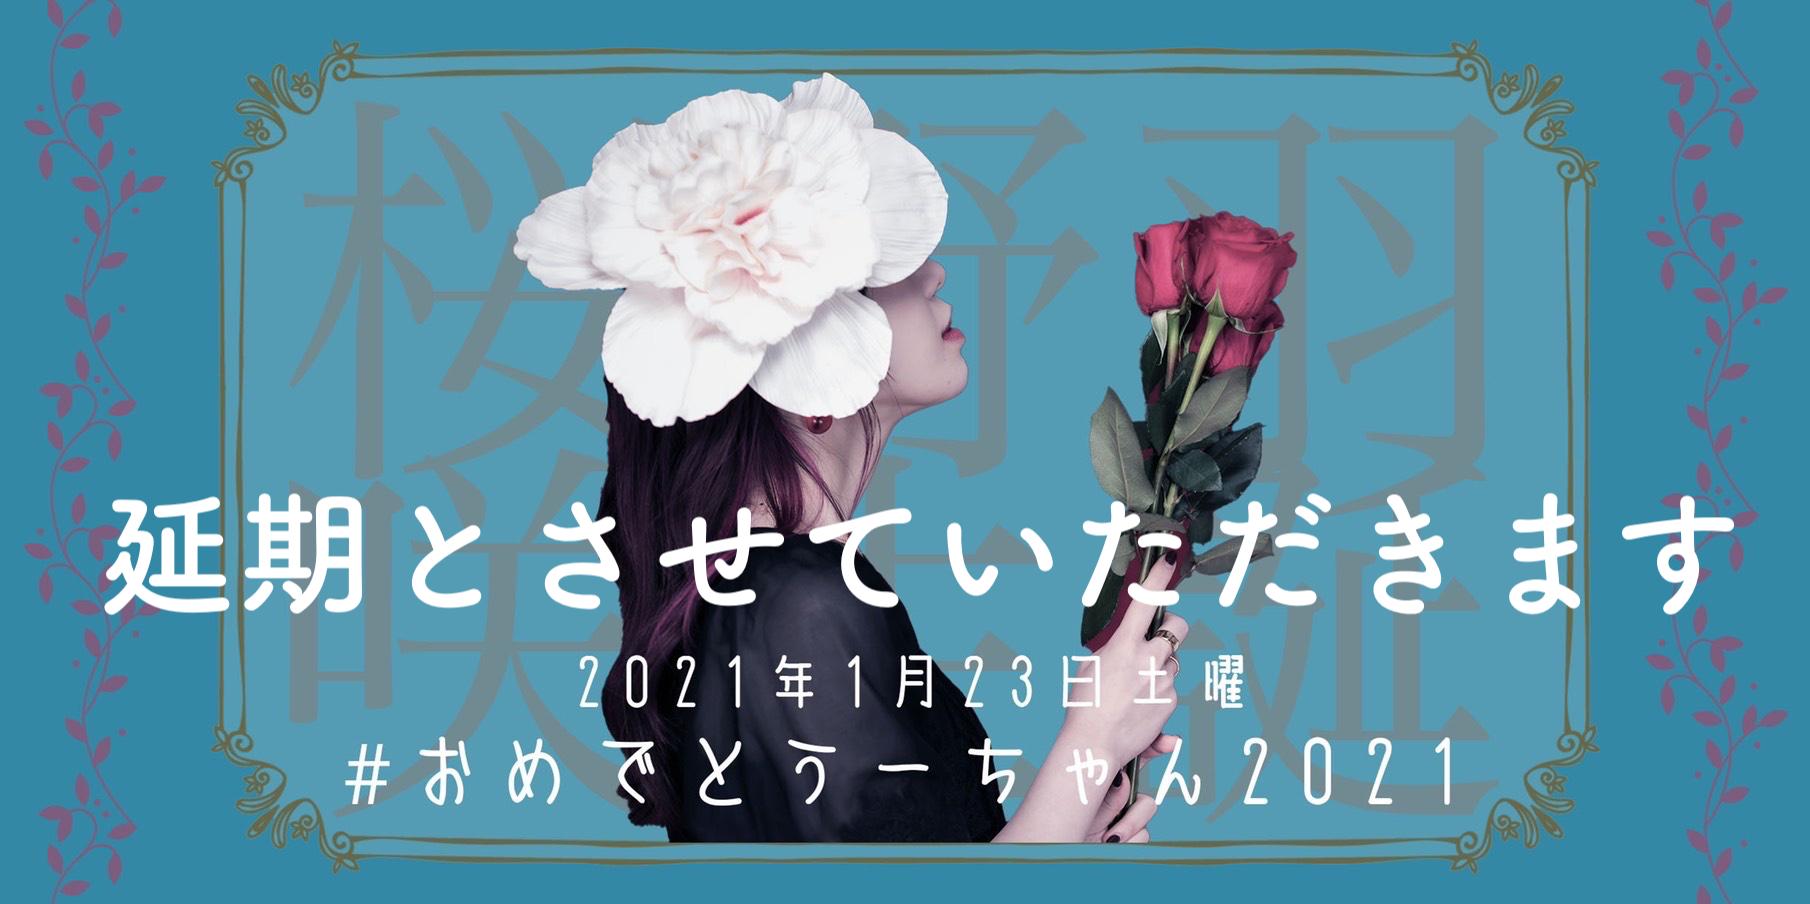 桜野羽咲生誕イベント 「#おめでとうーちゃん2021」